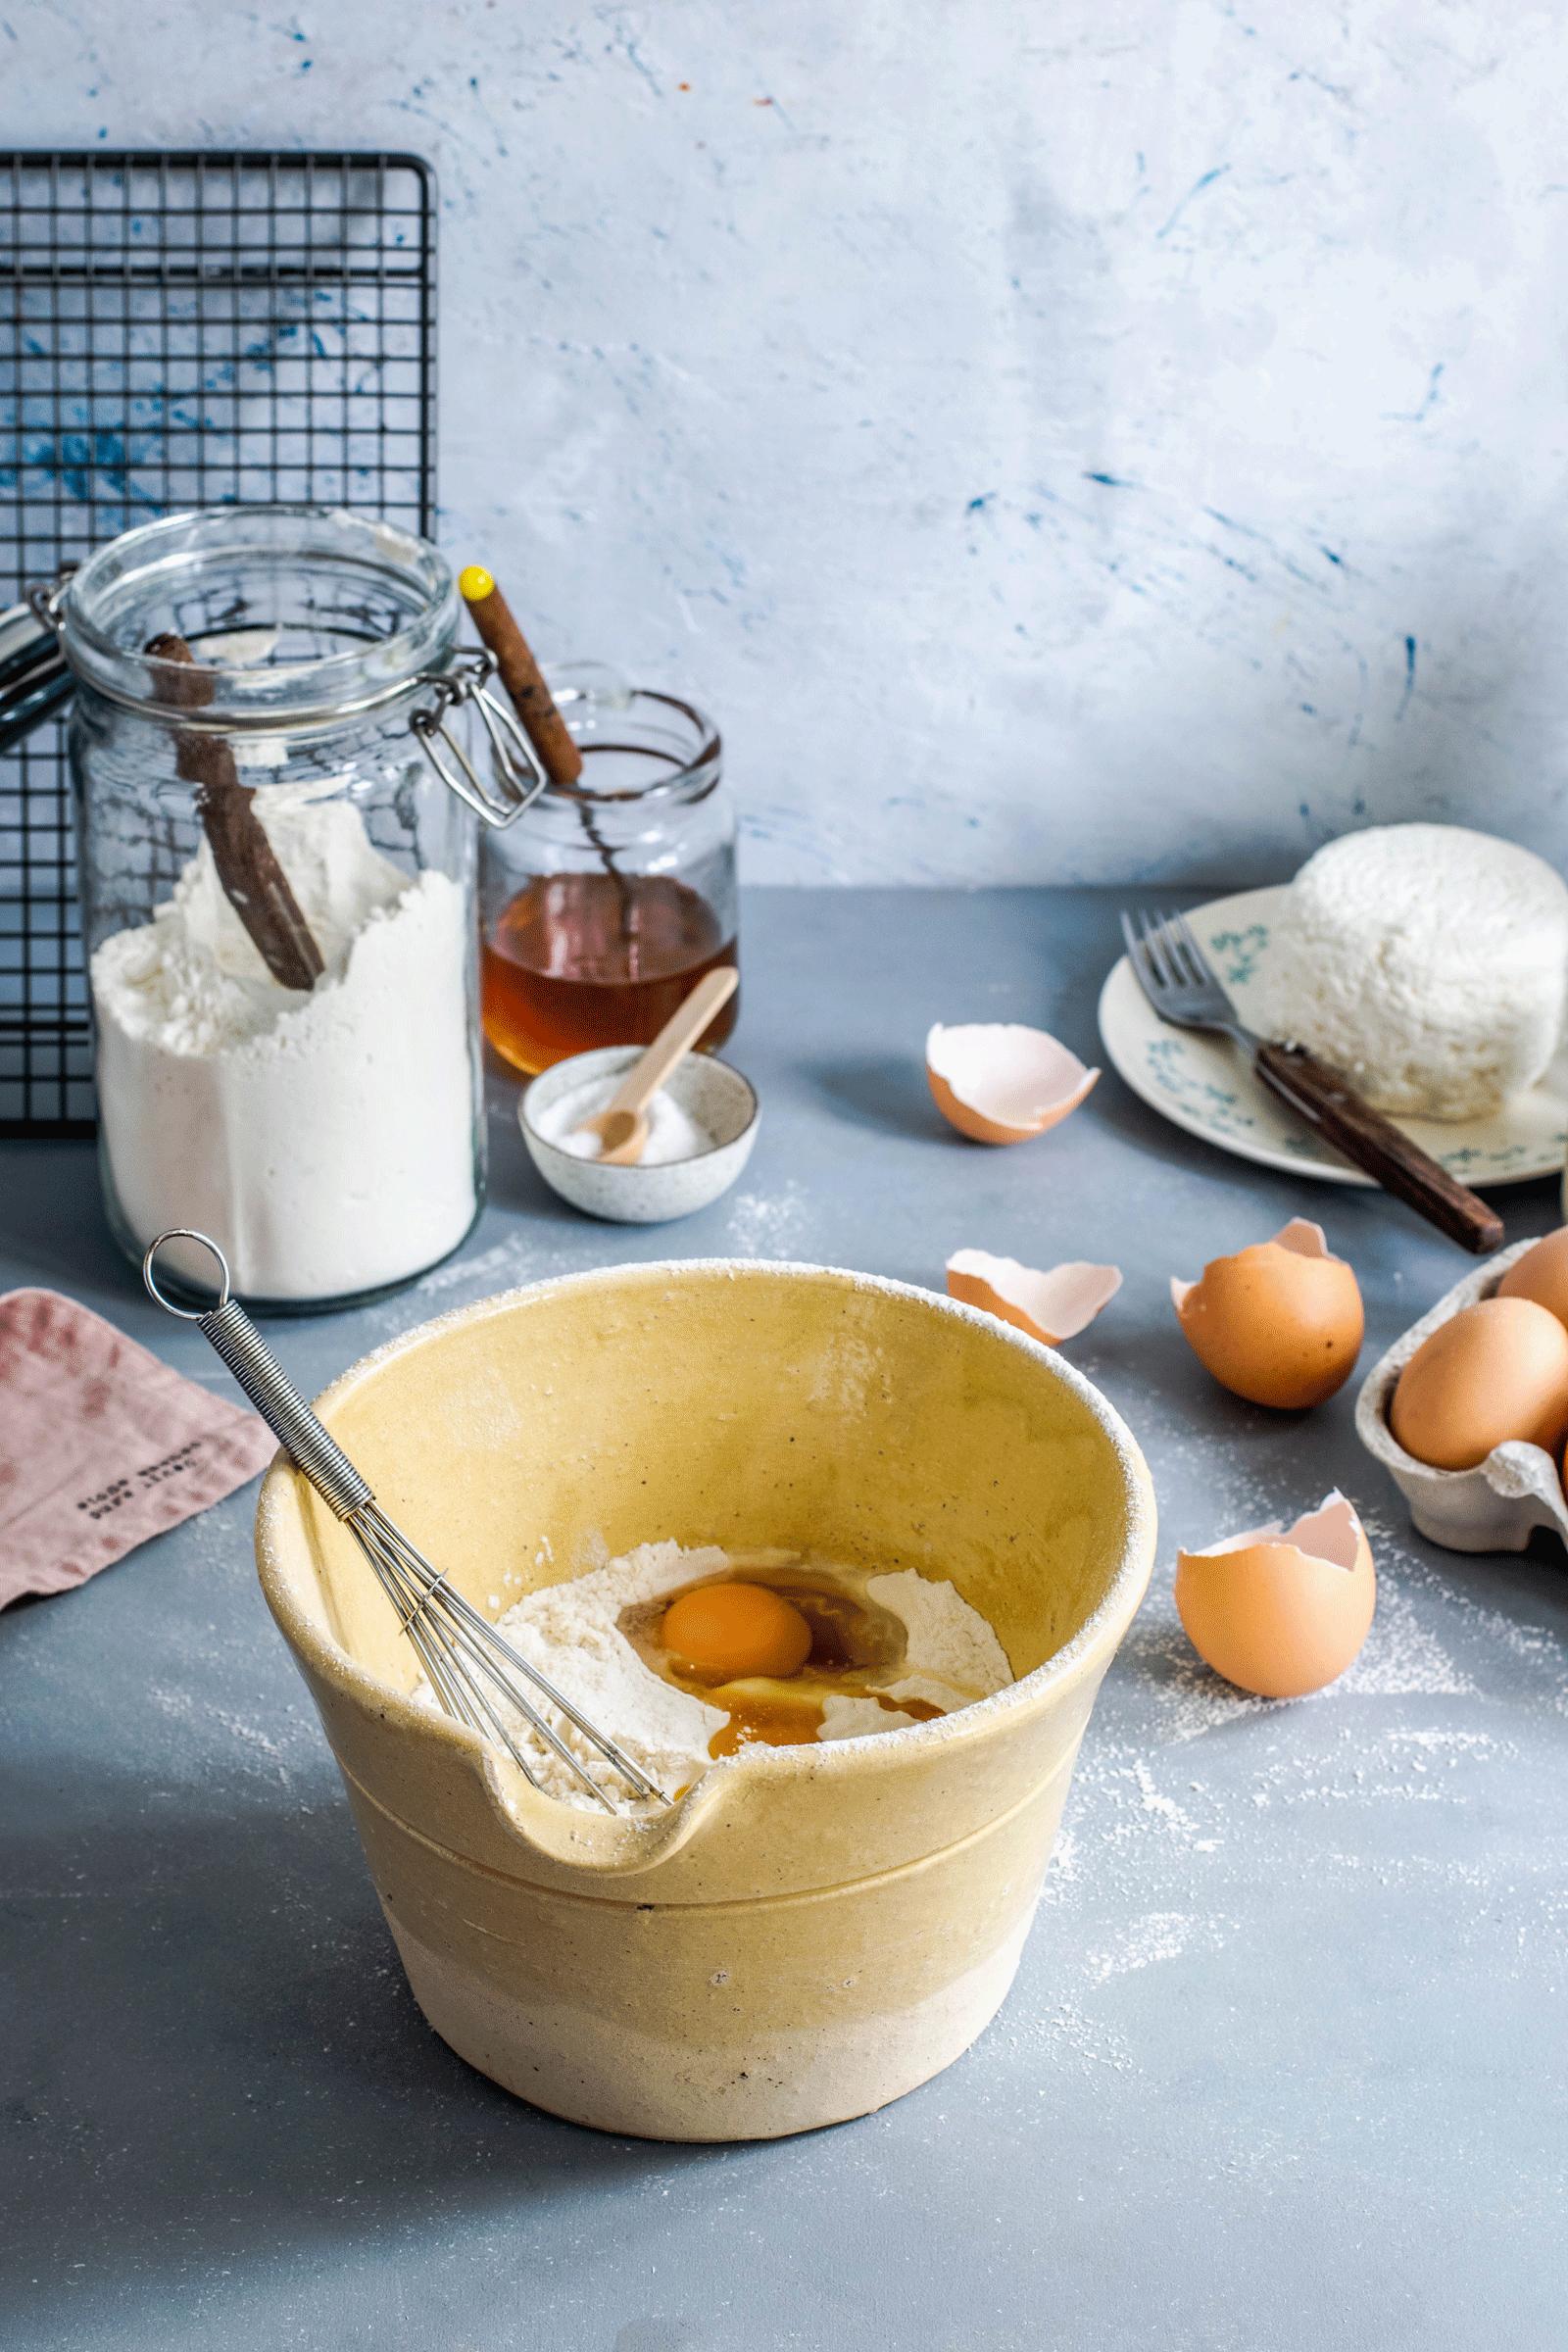 Basic Cake Making: Cancelled